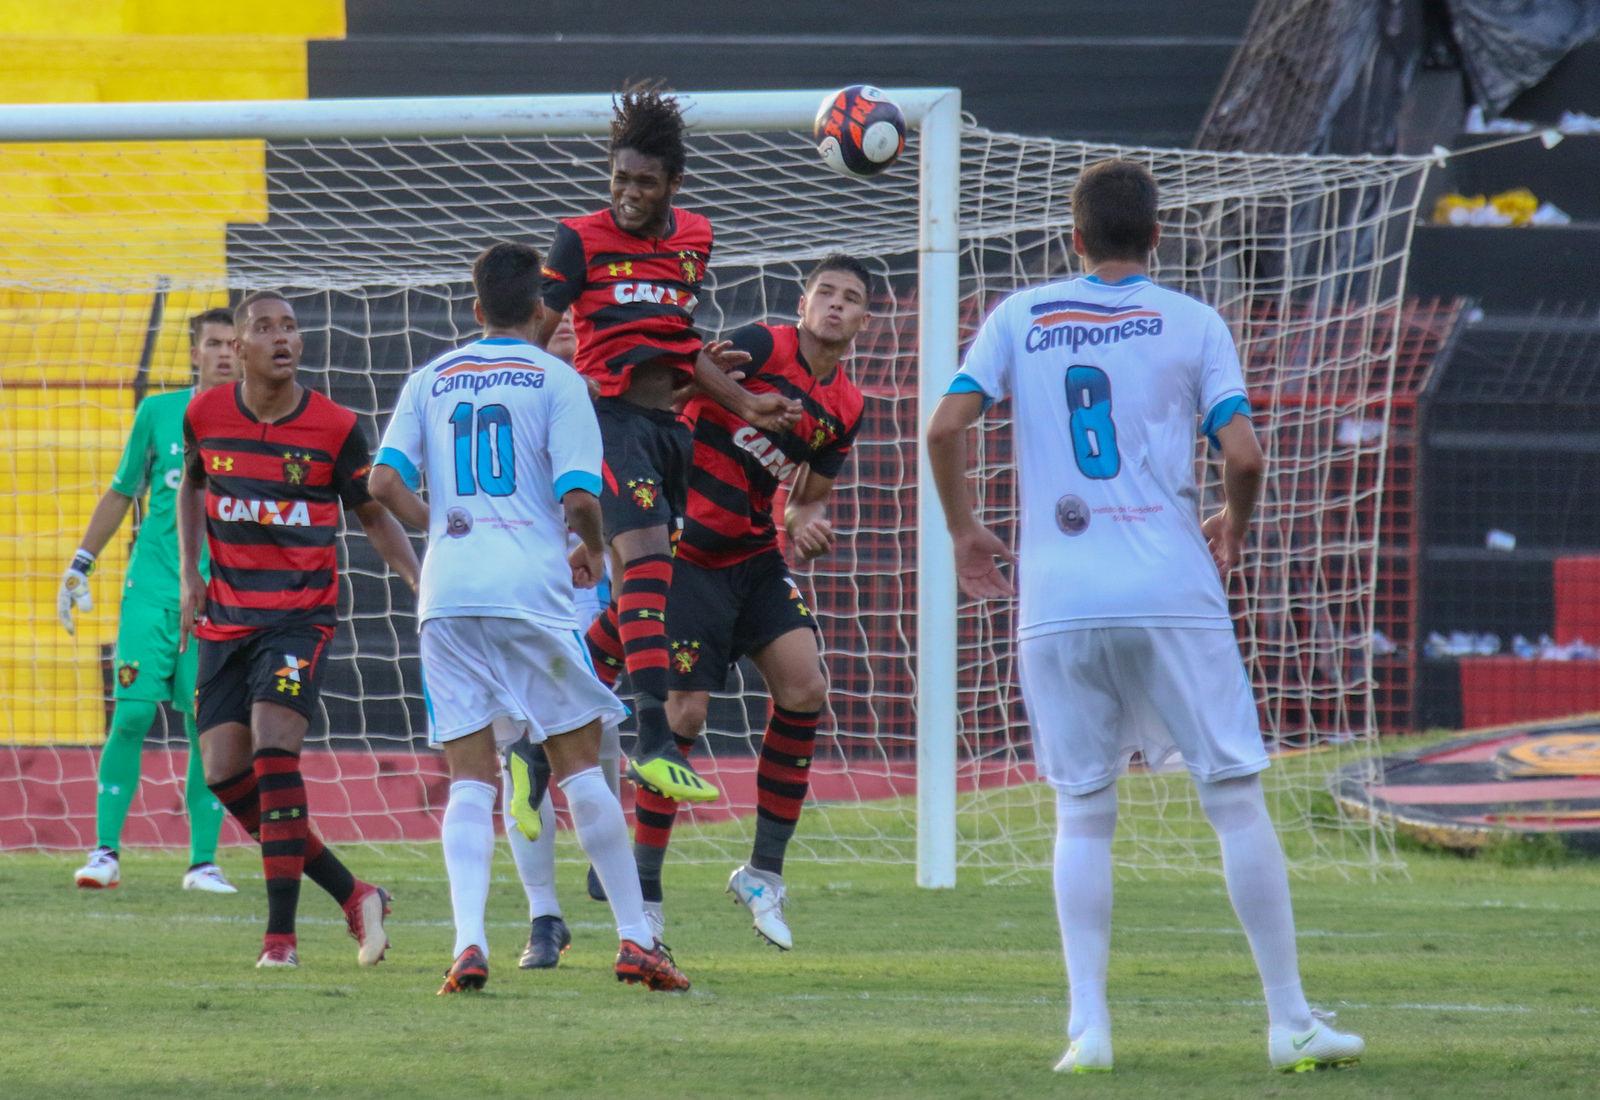 ... Foto  Williams Aguiar Sport Club do Recife. 281e3a85e3c68